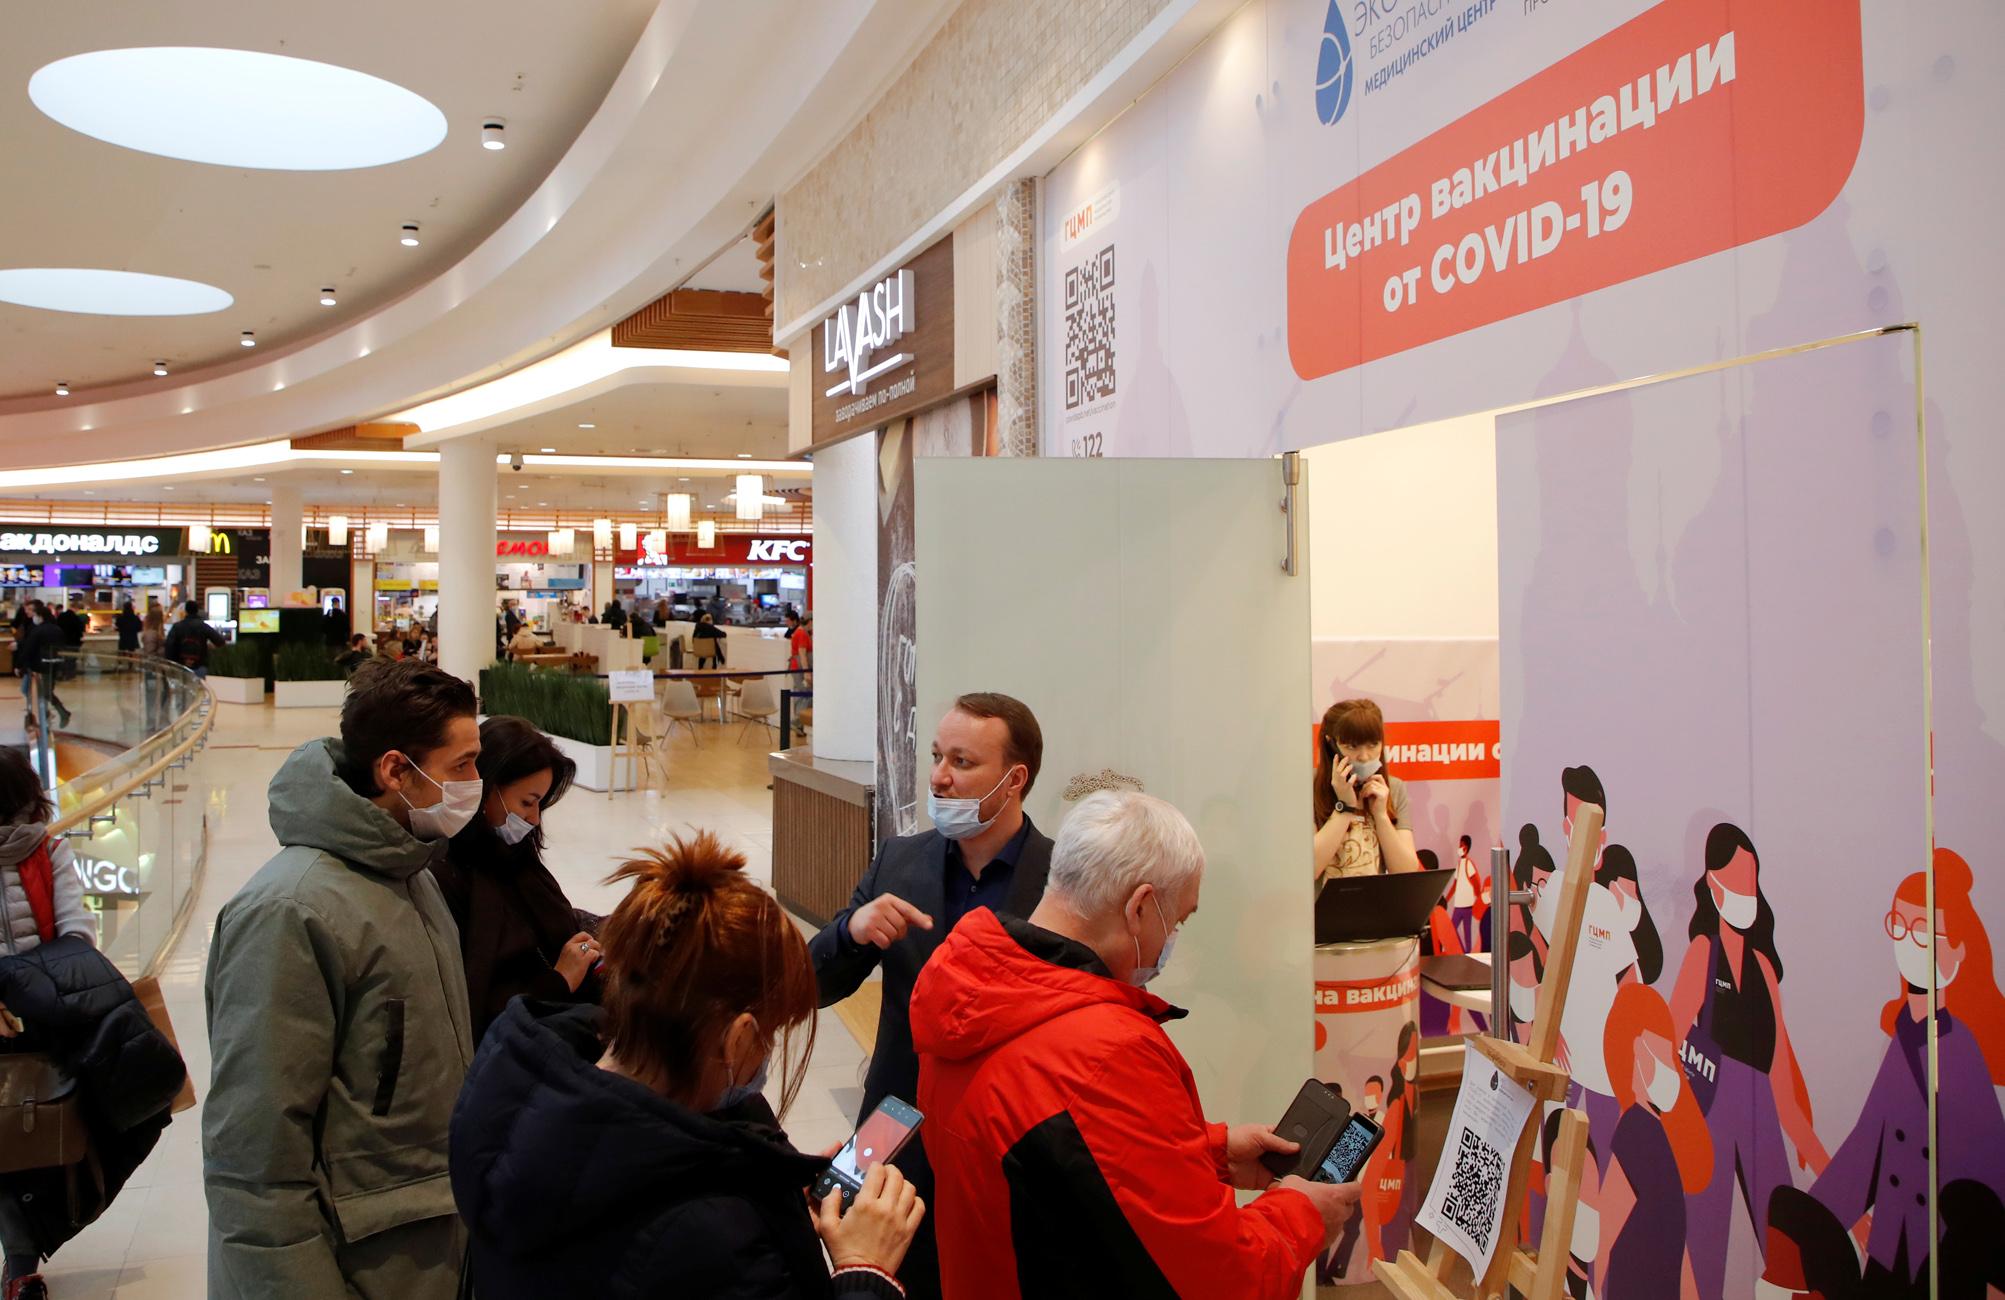 Ρωσία: 365 νεκροί και πάνω από 8.500 νέα κρούσματα κορονοϊού